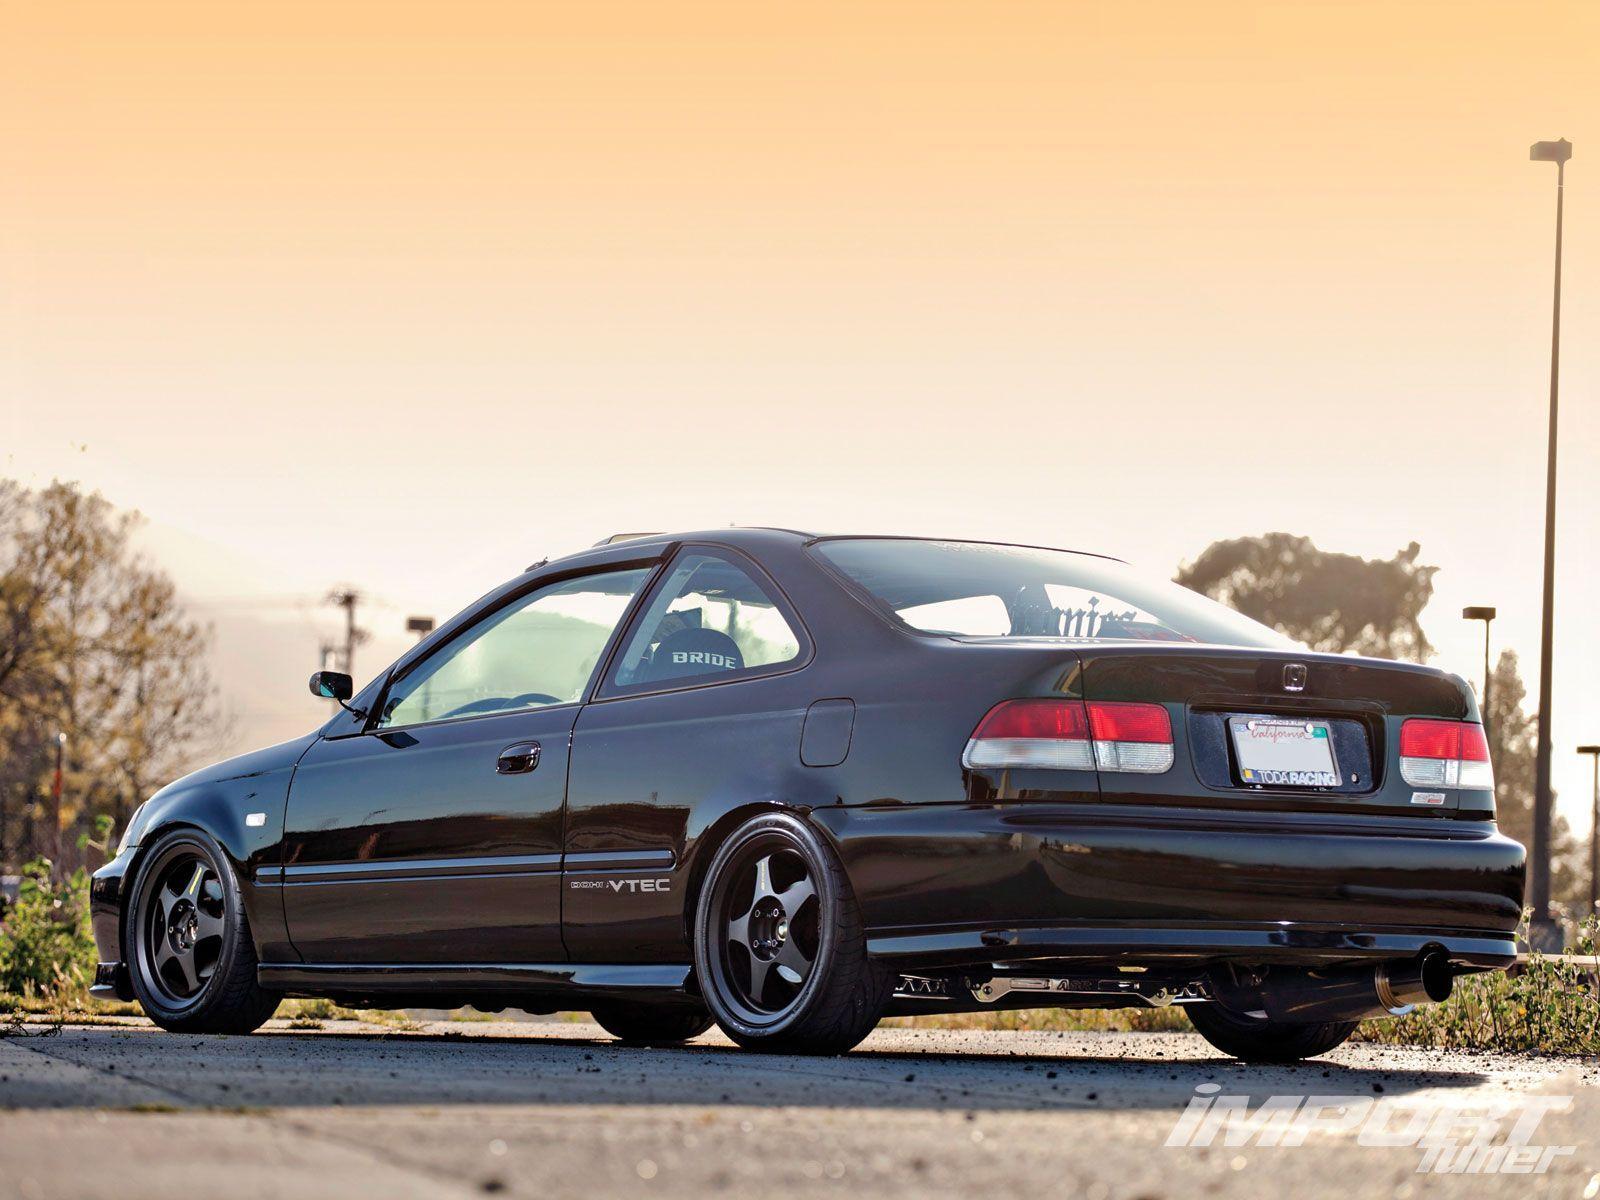 Impp 1208 03 O+2000 Honda Civic Si+EDM Taillights